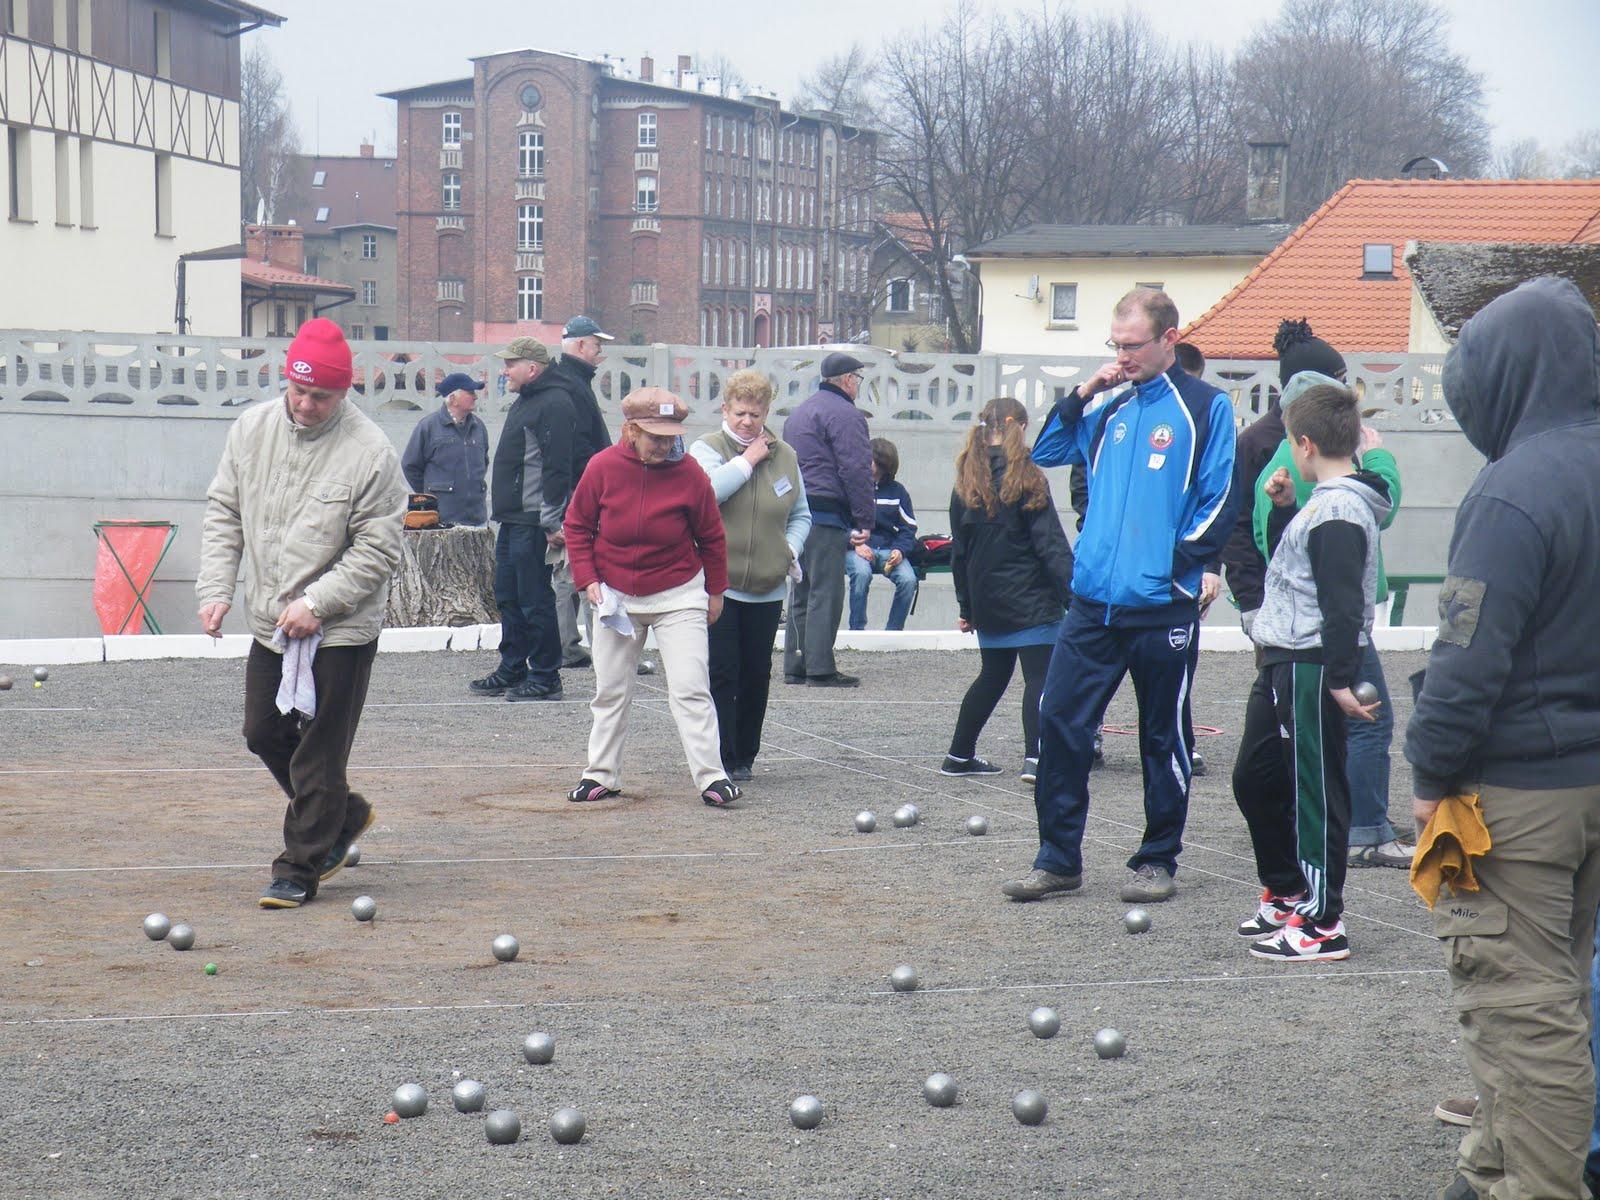 V Ogólnopolski Turniej w Petanque o puchar Burmistrza Miasta Boguszowa-Gorc